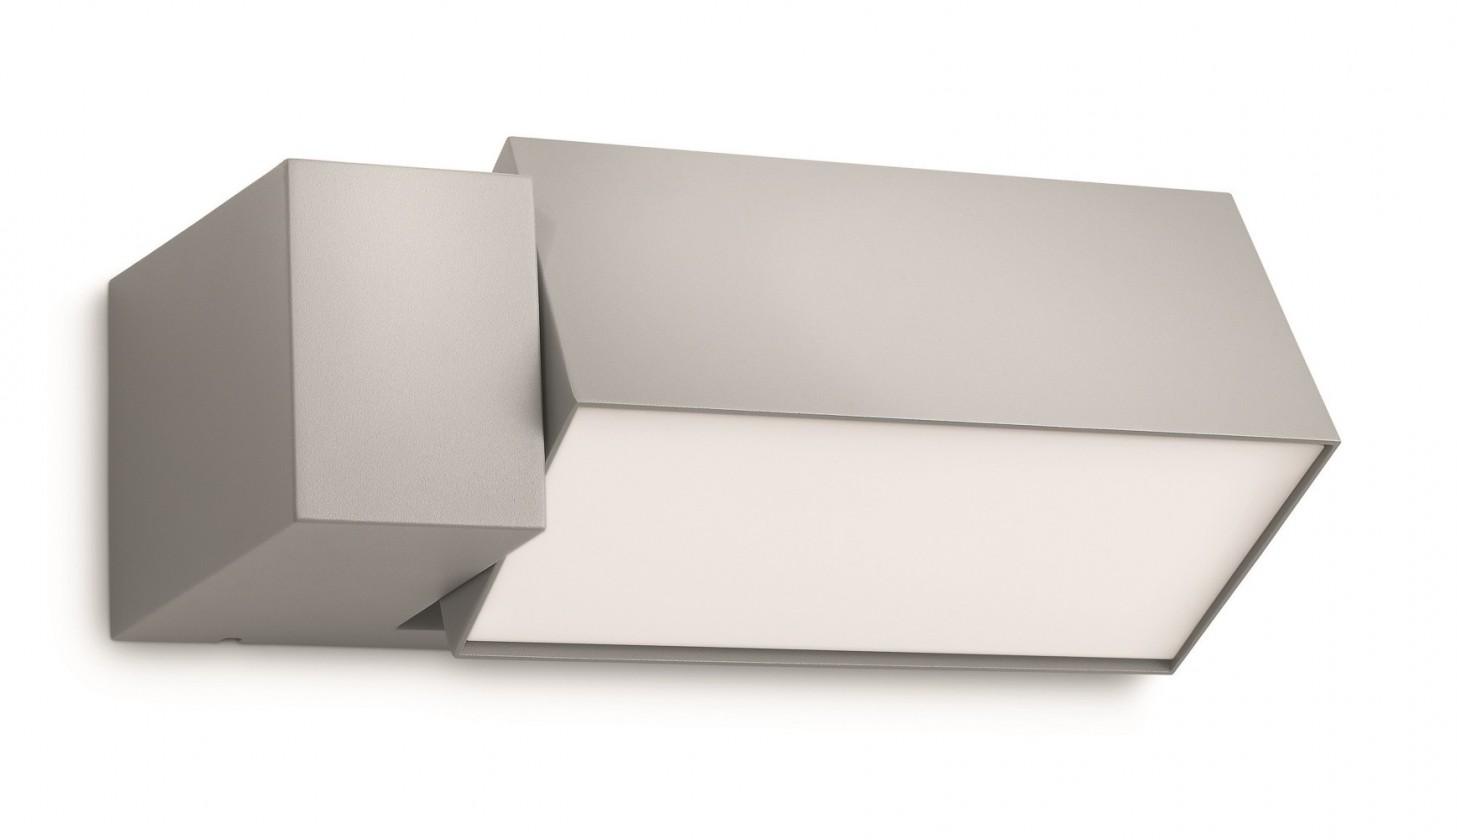 Mano - Venkovní osvětlení E 27, 26,9x9,3x14,8 (šedá)